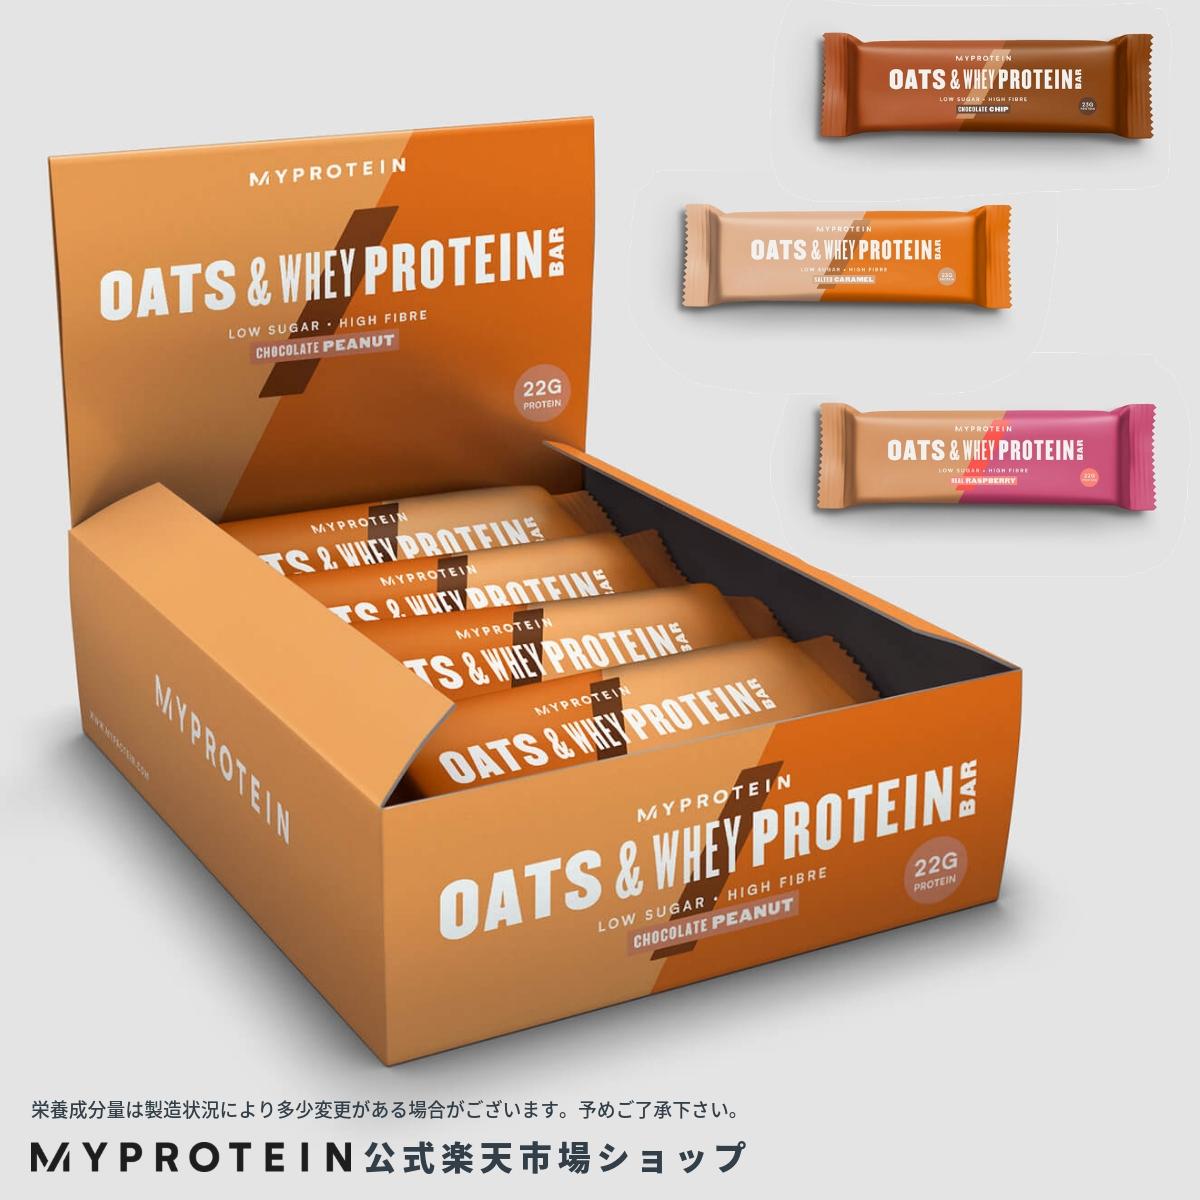 マイプロテイン 公式 【MyProtein】 オーツ&ホエイ プロテインバー 18個入| プロテインバー プロテインスナック 低カロリー 高たんぱく 食物繊維 フラップジャック